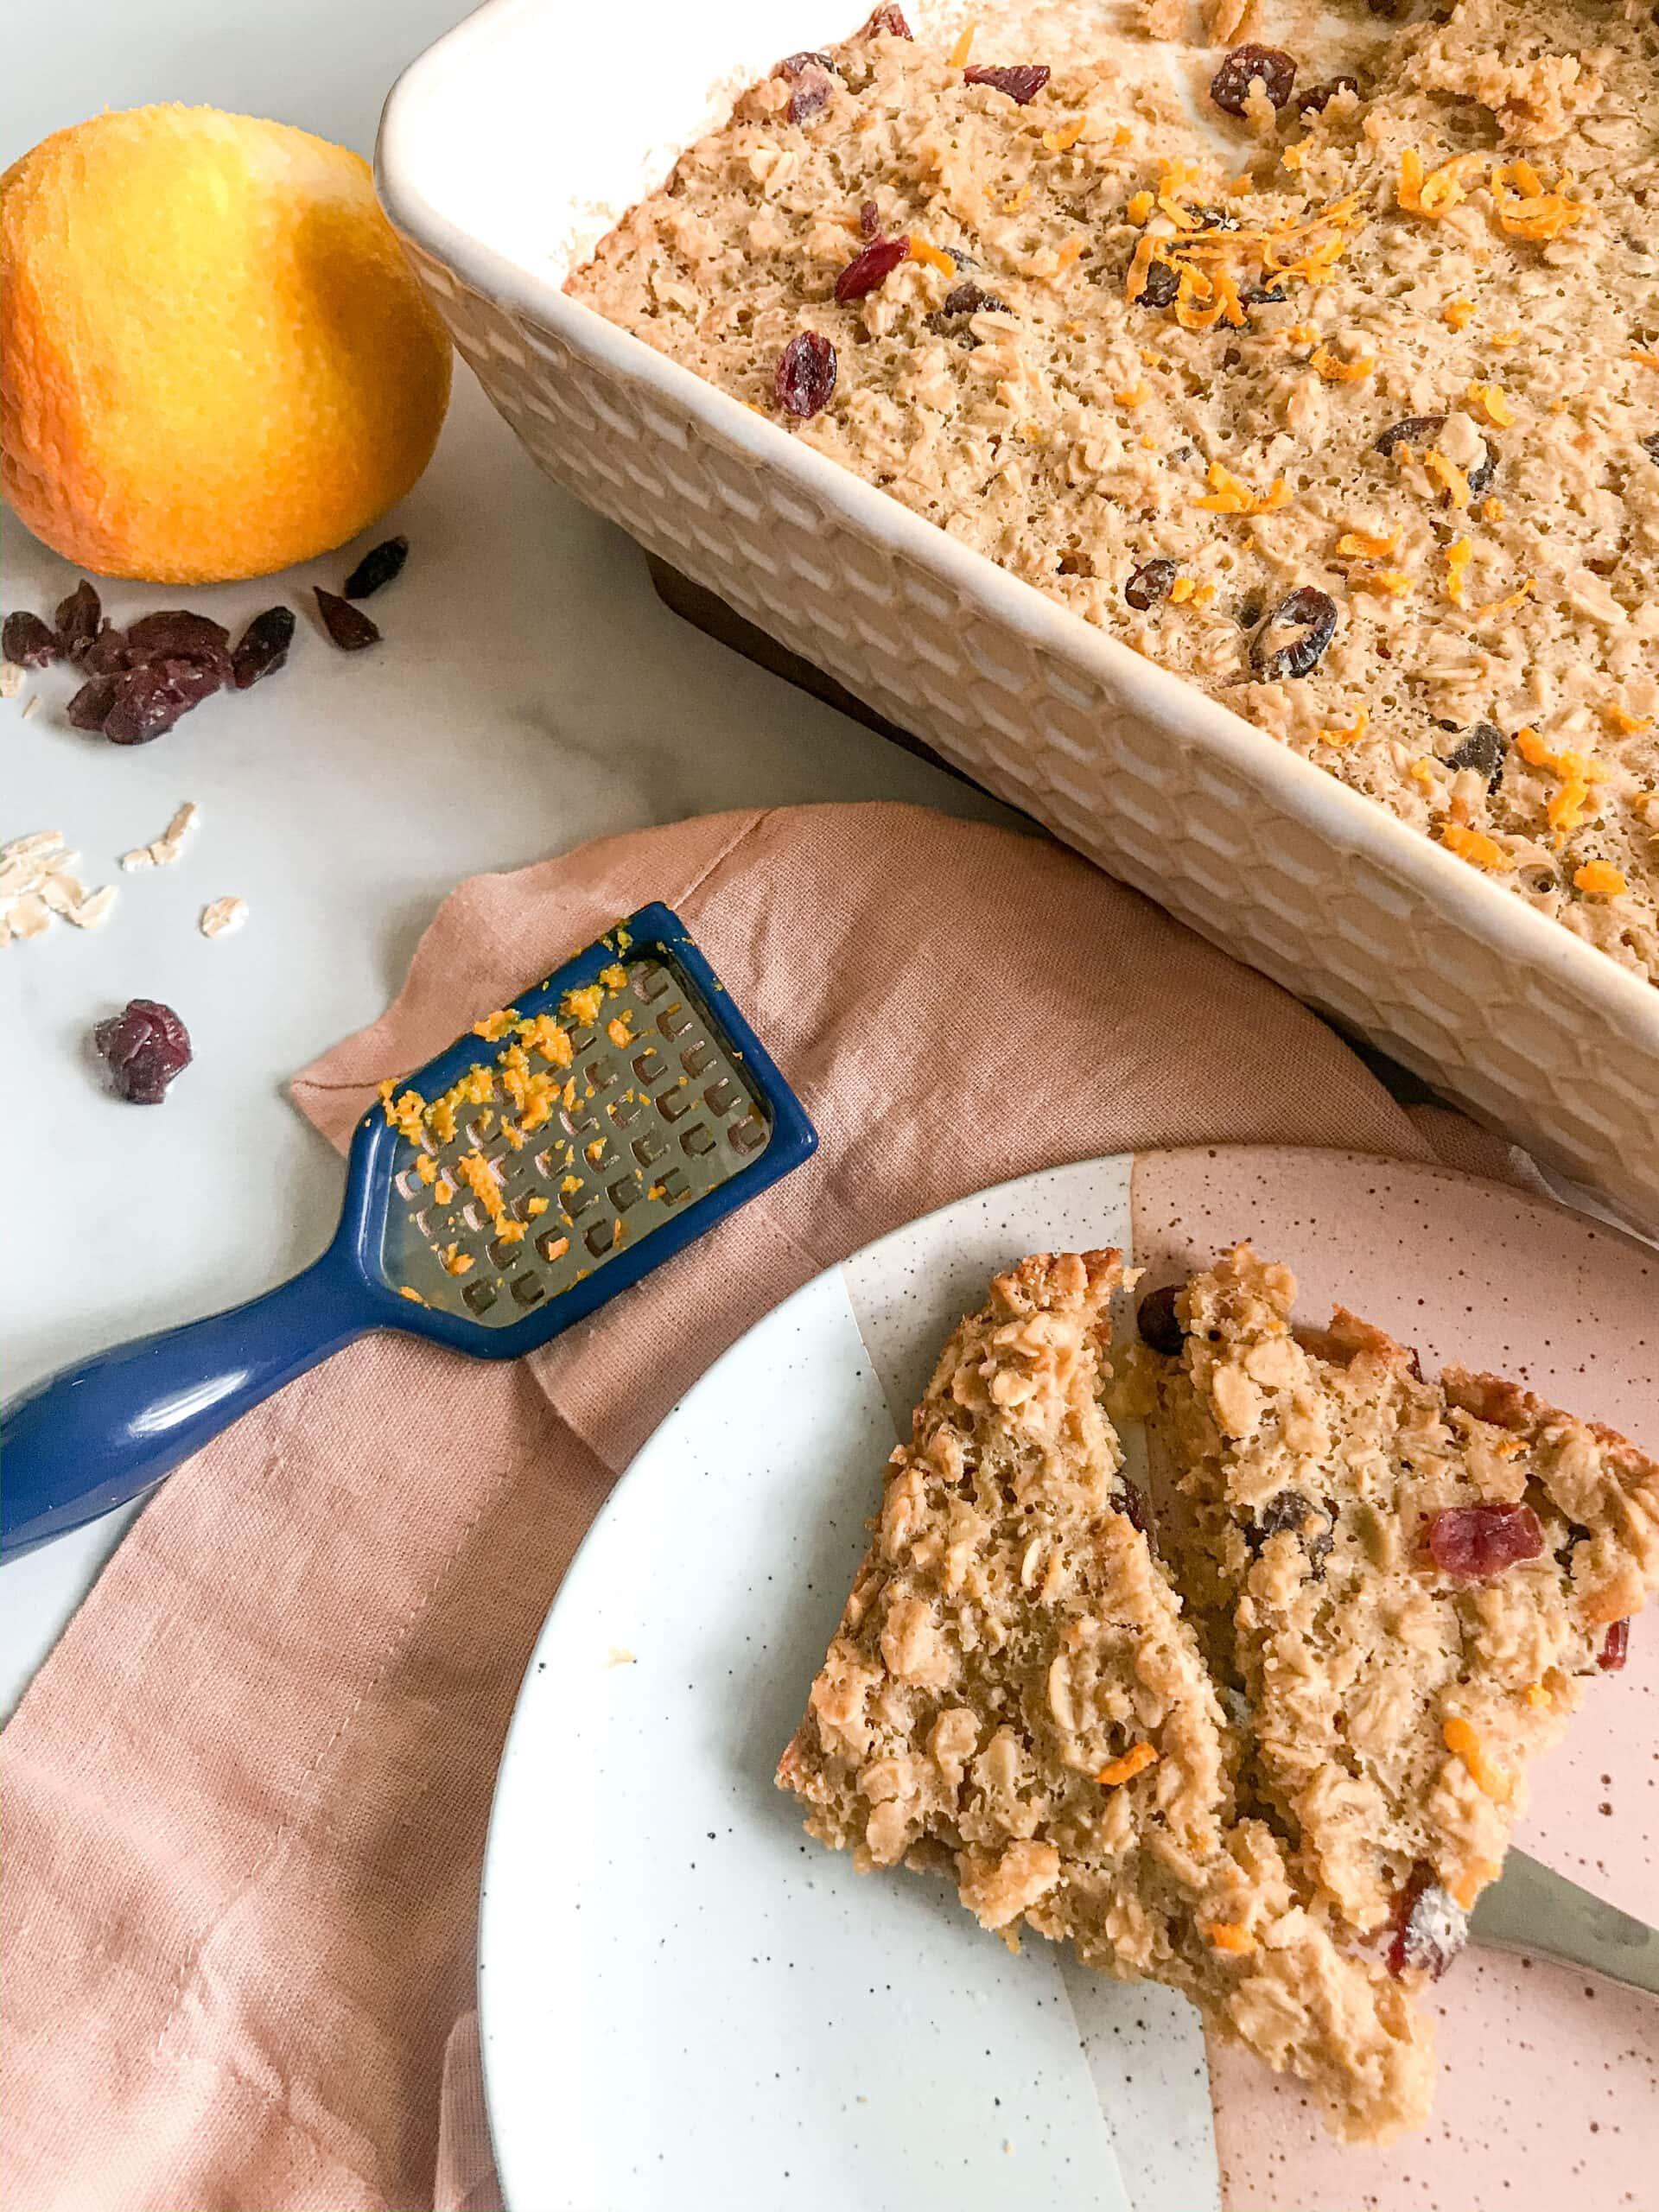 Cran-orange oatmeal